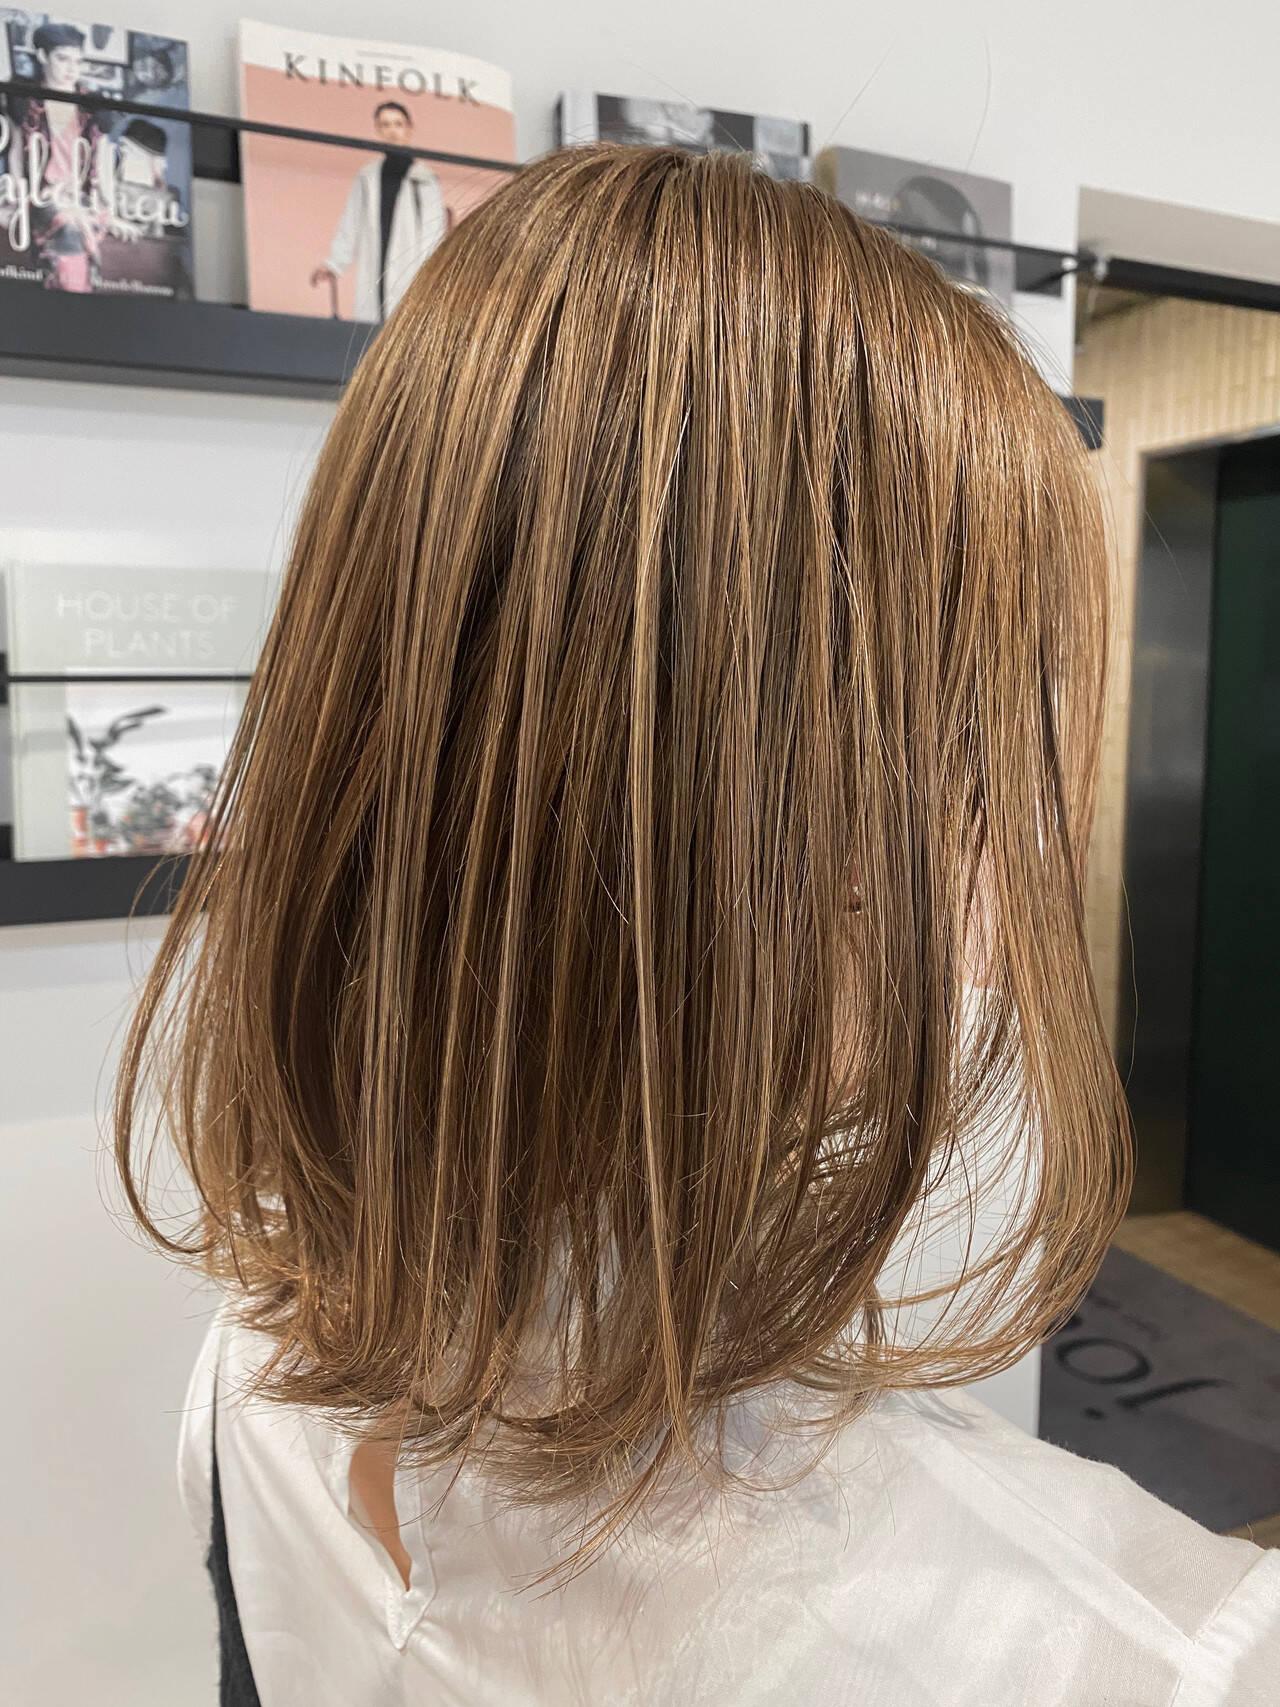 ヘッドスパ ミディアム ミディアムレイヤー ハイライトヘアスタイルや髪型の写真・画像